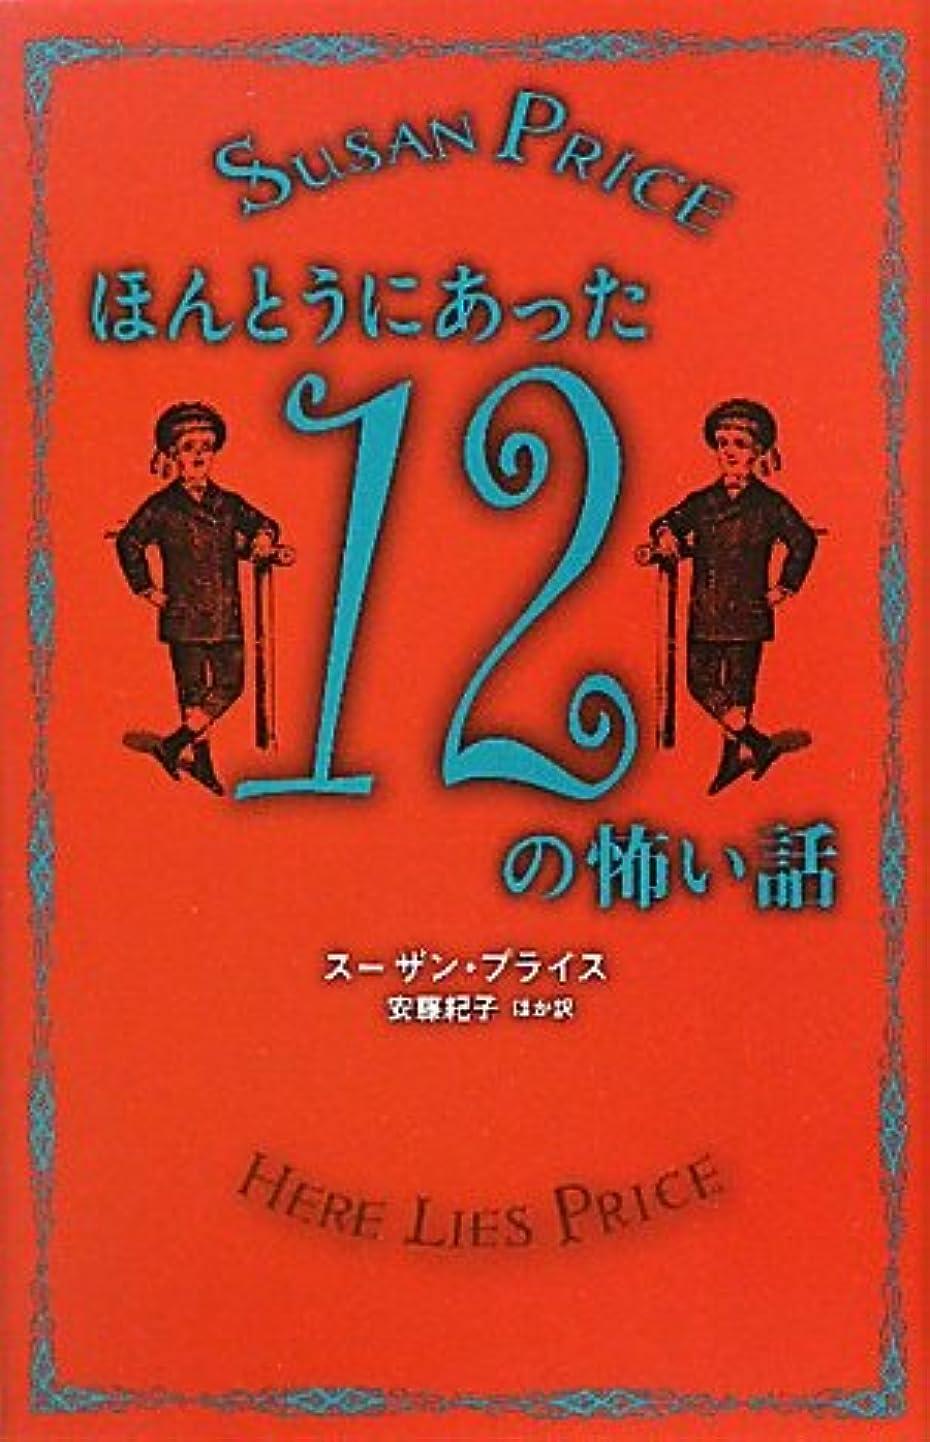 火山学急流ちなみに意味がわかるとゾクゾクする超短編小説 ゾク編 54字の物語 怪(かい)